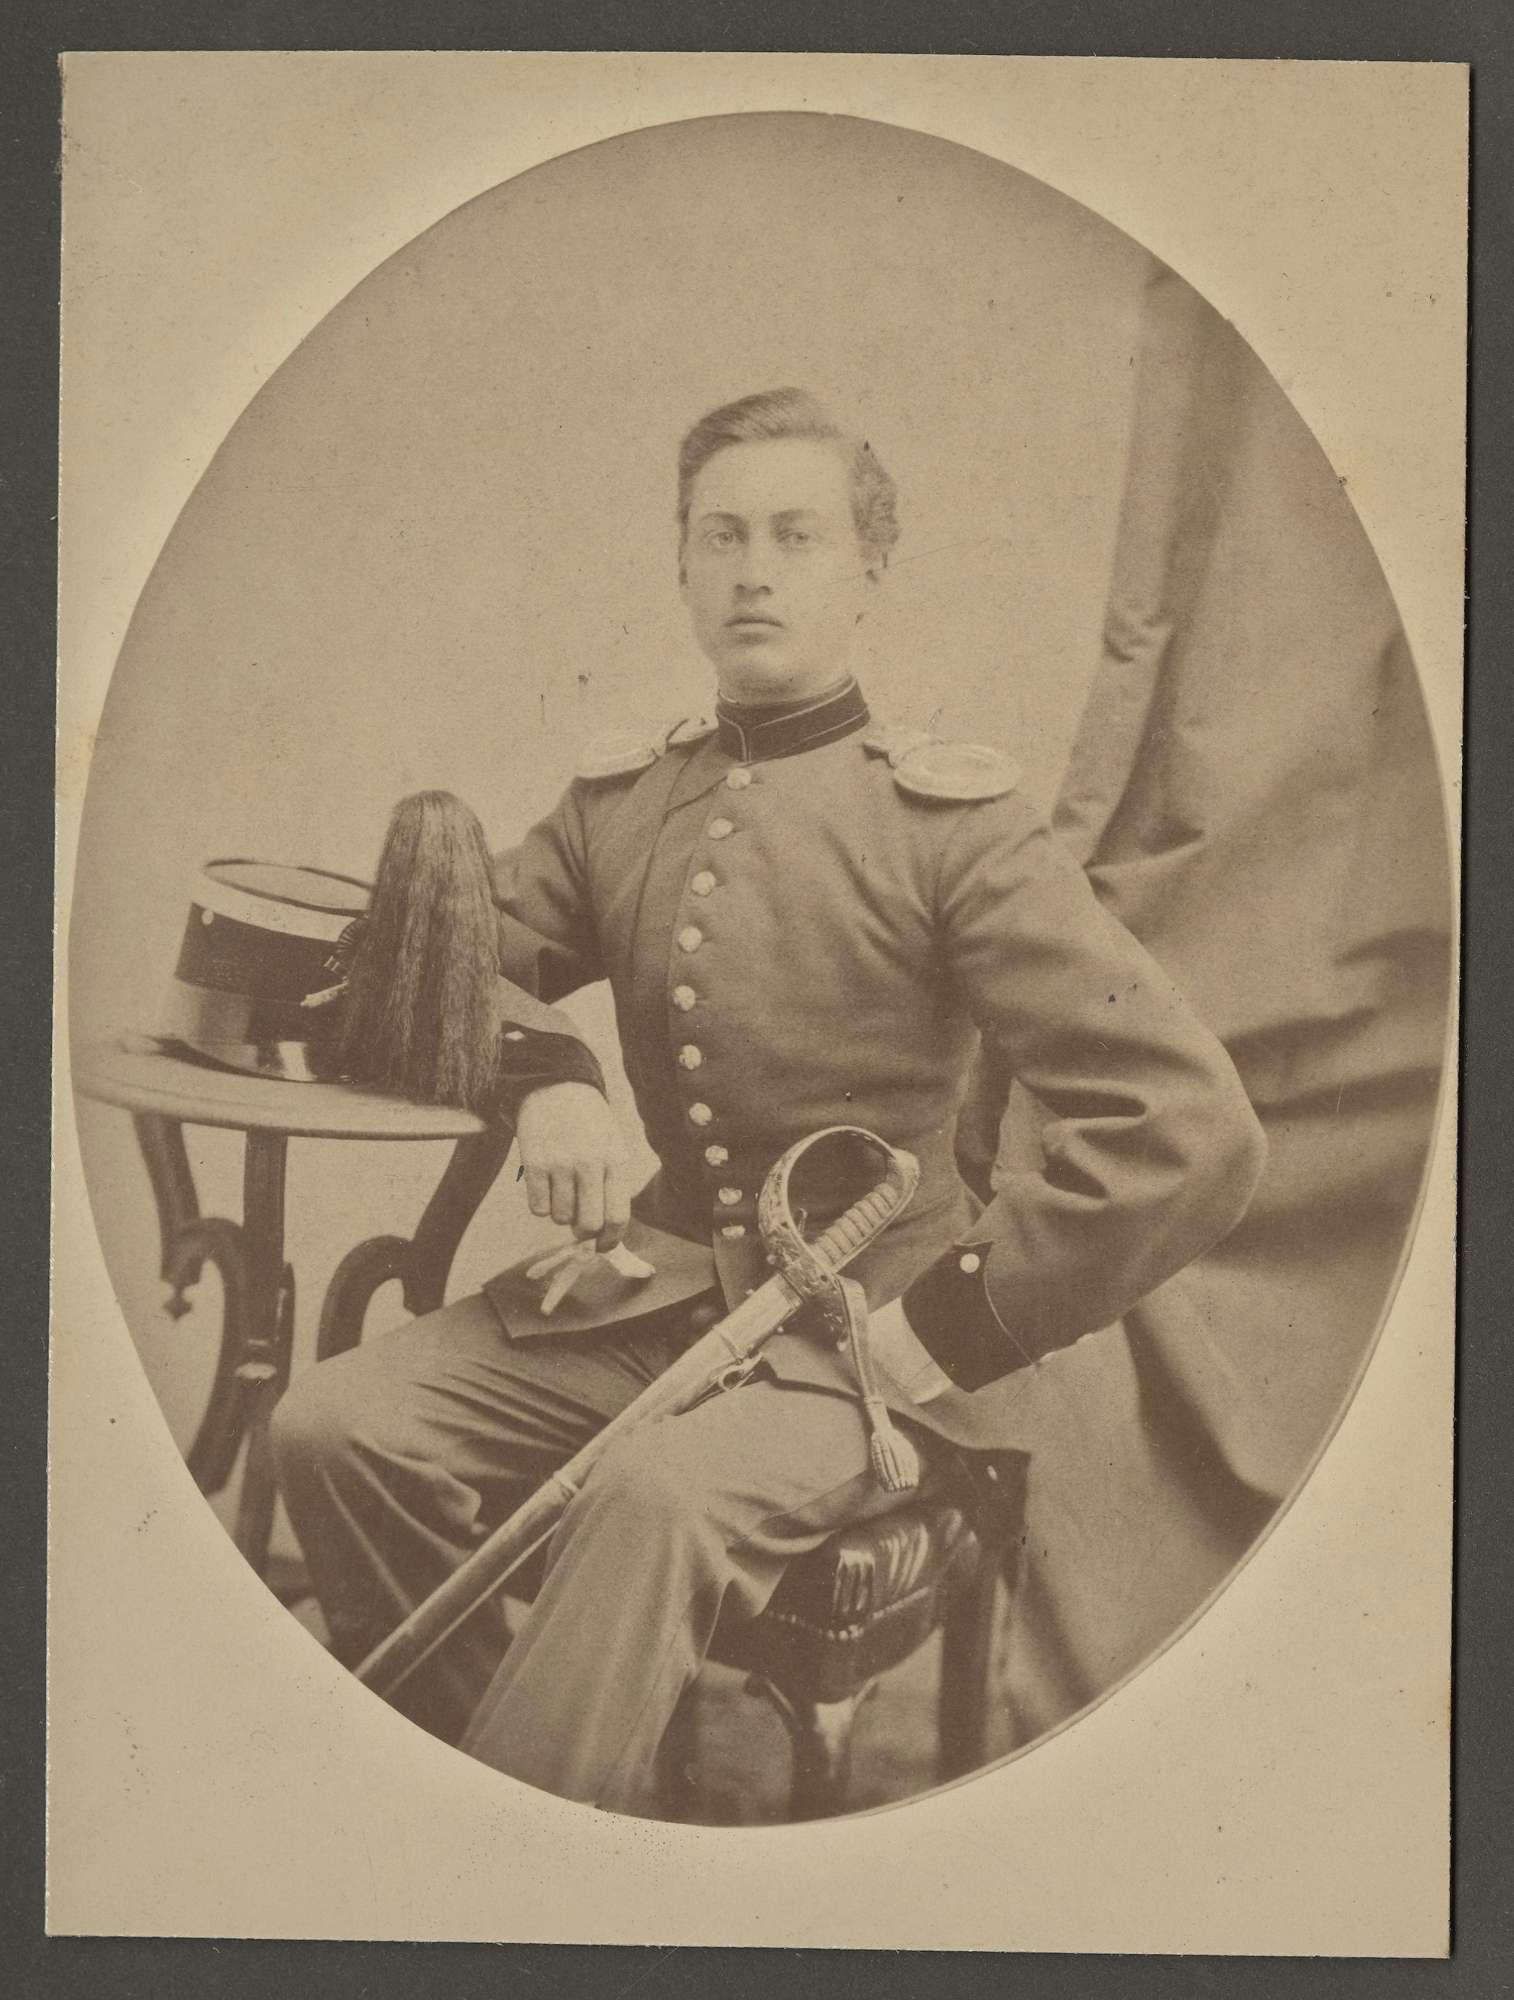 Flaiz, Franz von, Bild 1